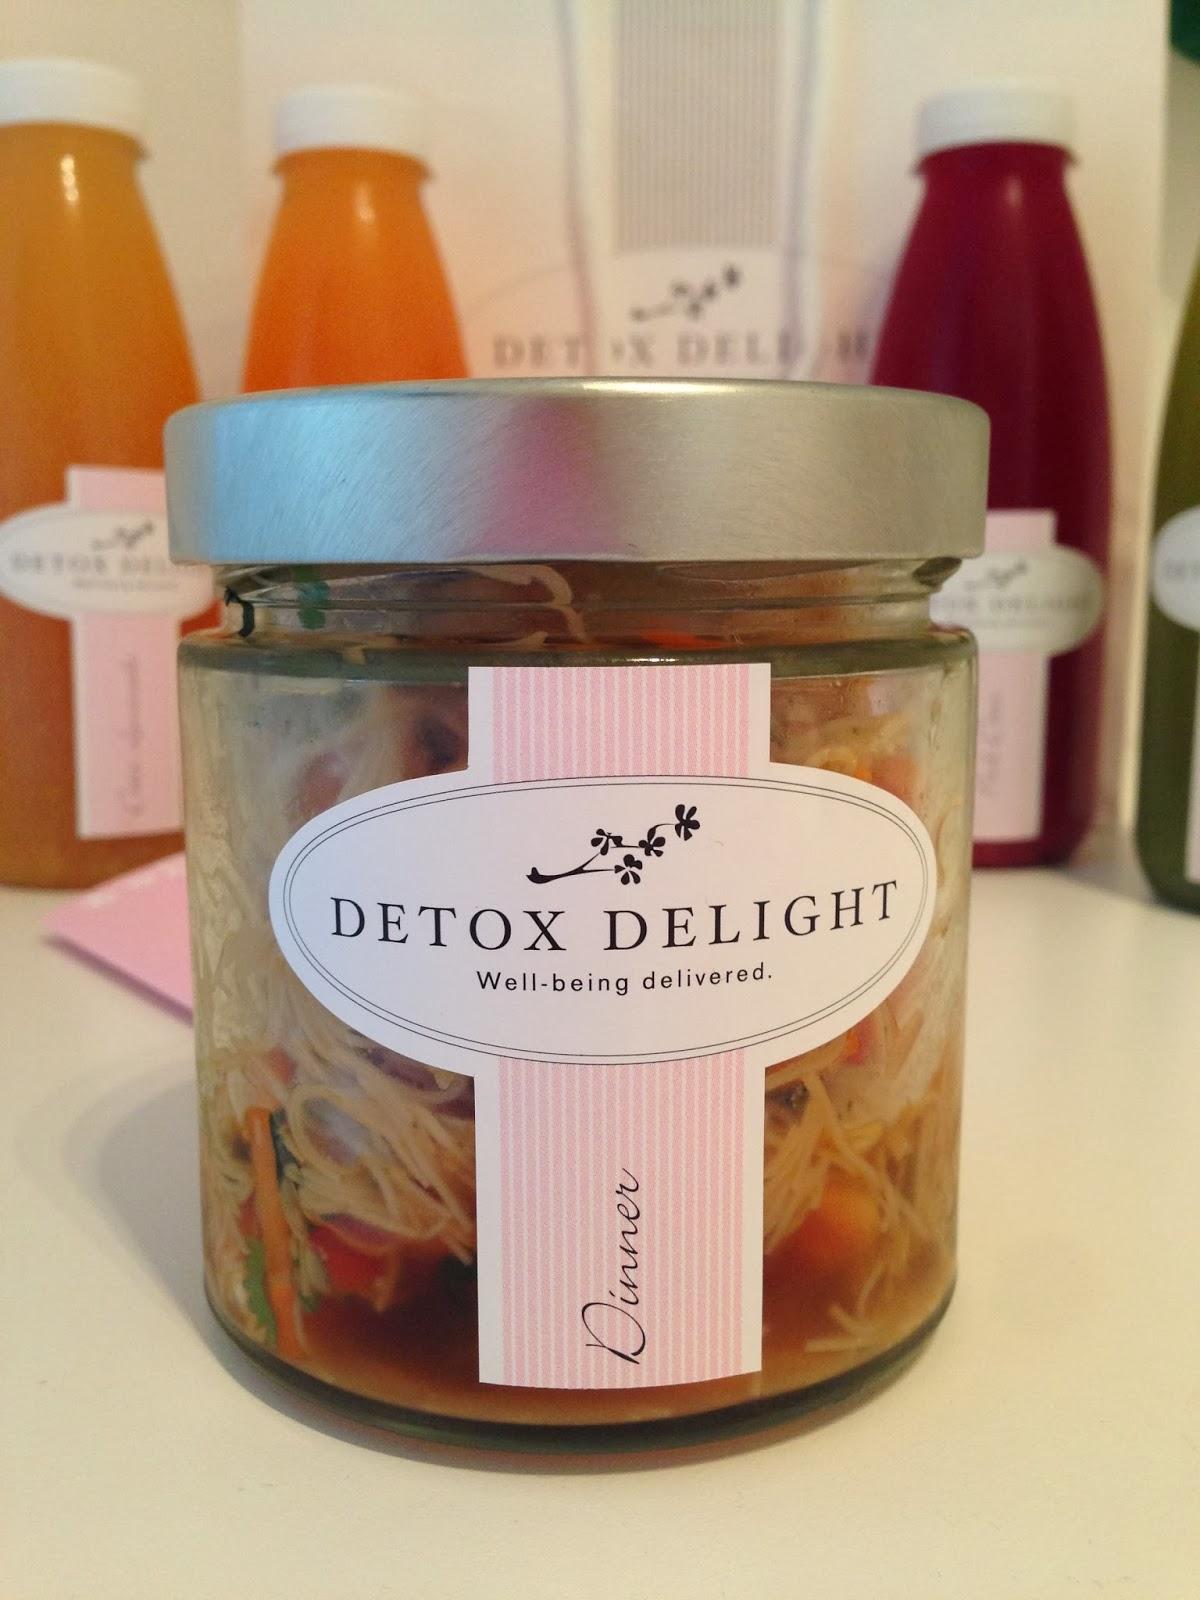 Detox Delight, Detox, Detox Kur, The Paste Blog, Patrizia Paul, Clean Eating, eat clean